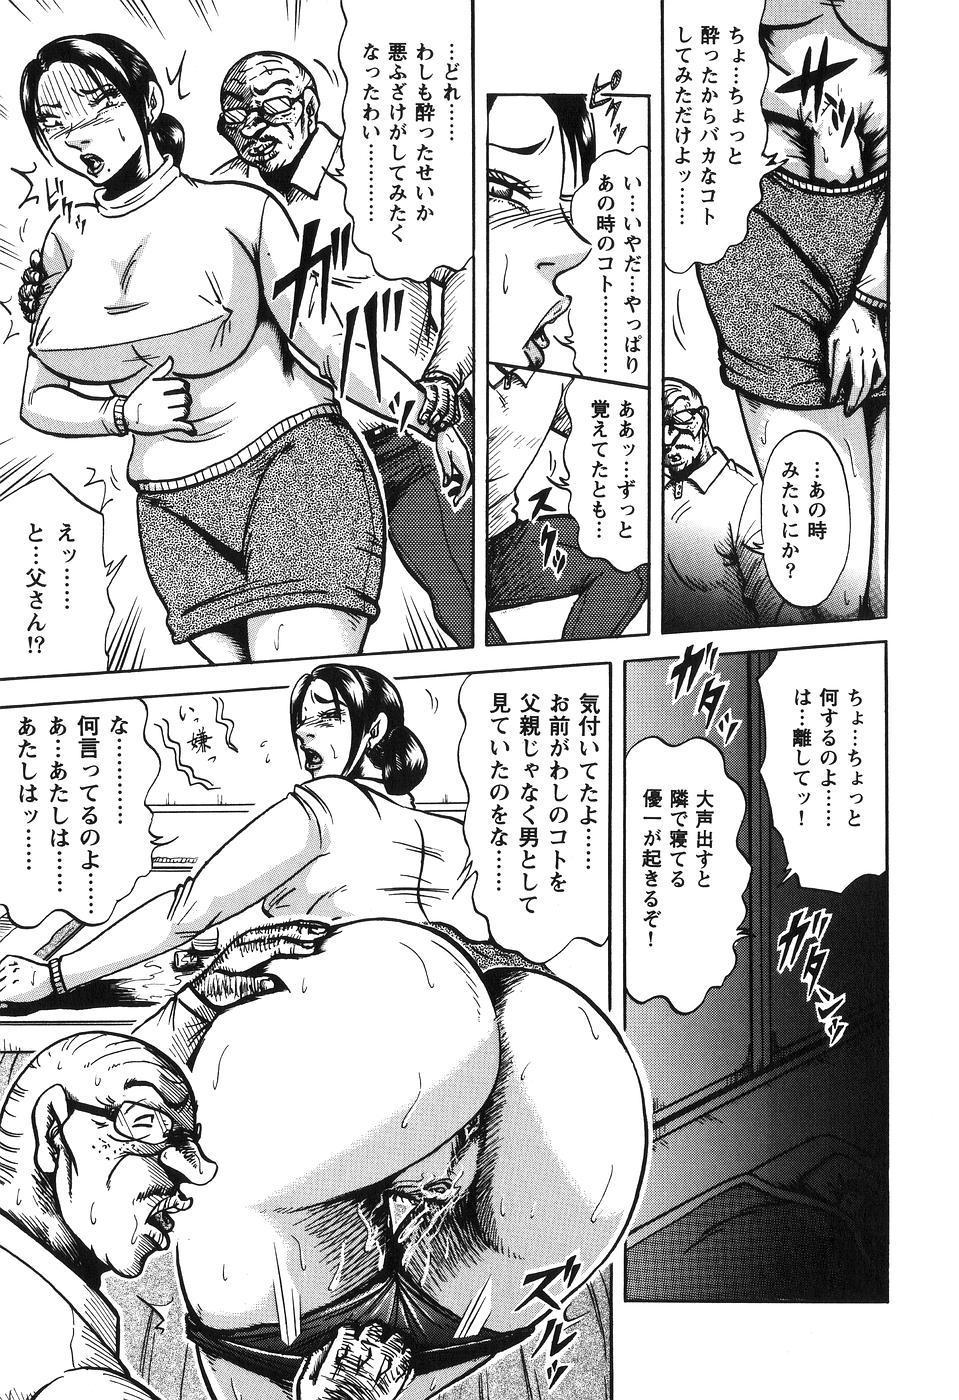 Jukubo Soukan Yosoji no Tawamure 156